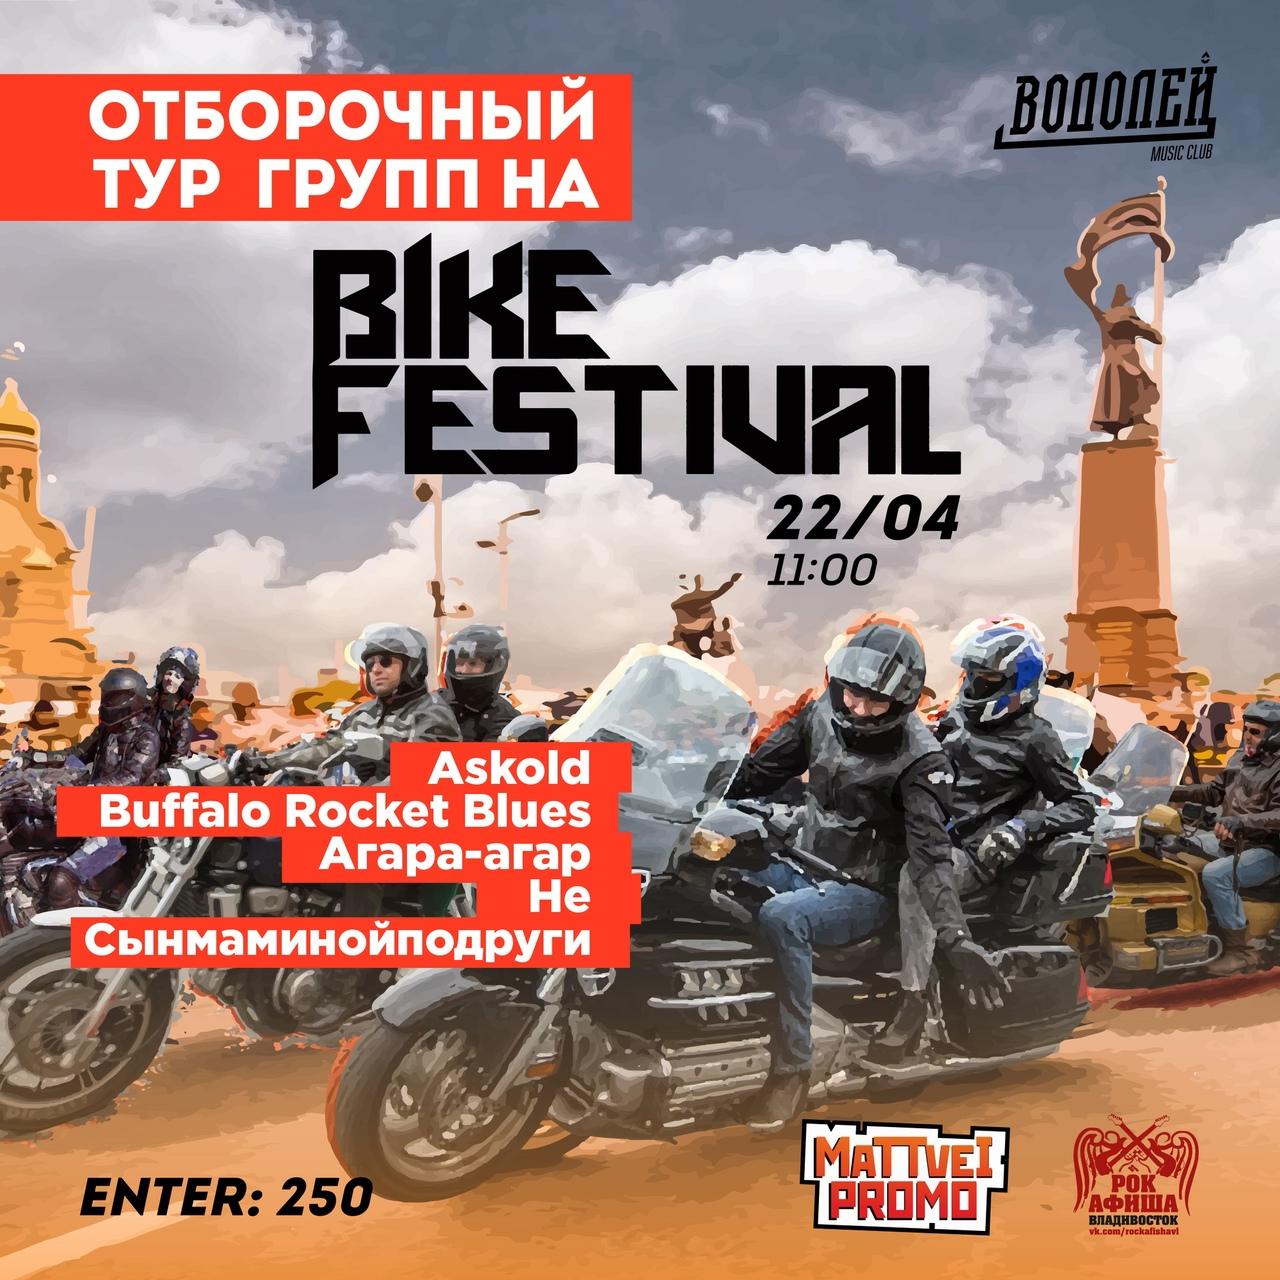 Афиша Владивосток Отборочный тур групп на BikeFest